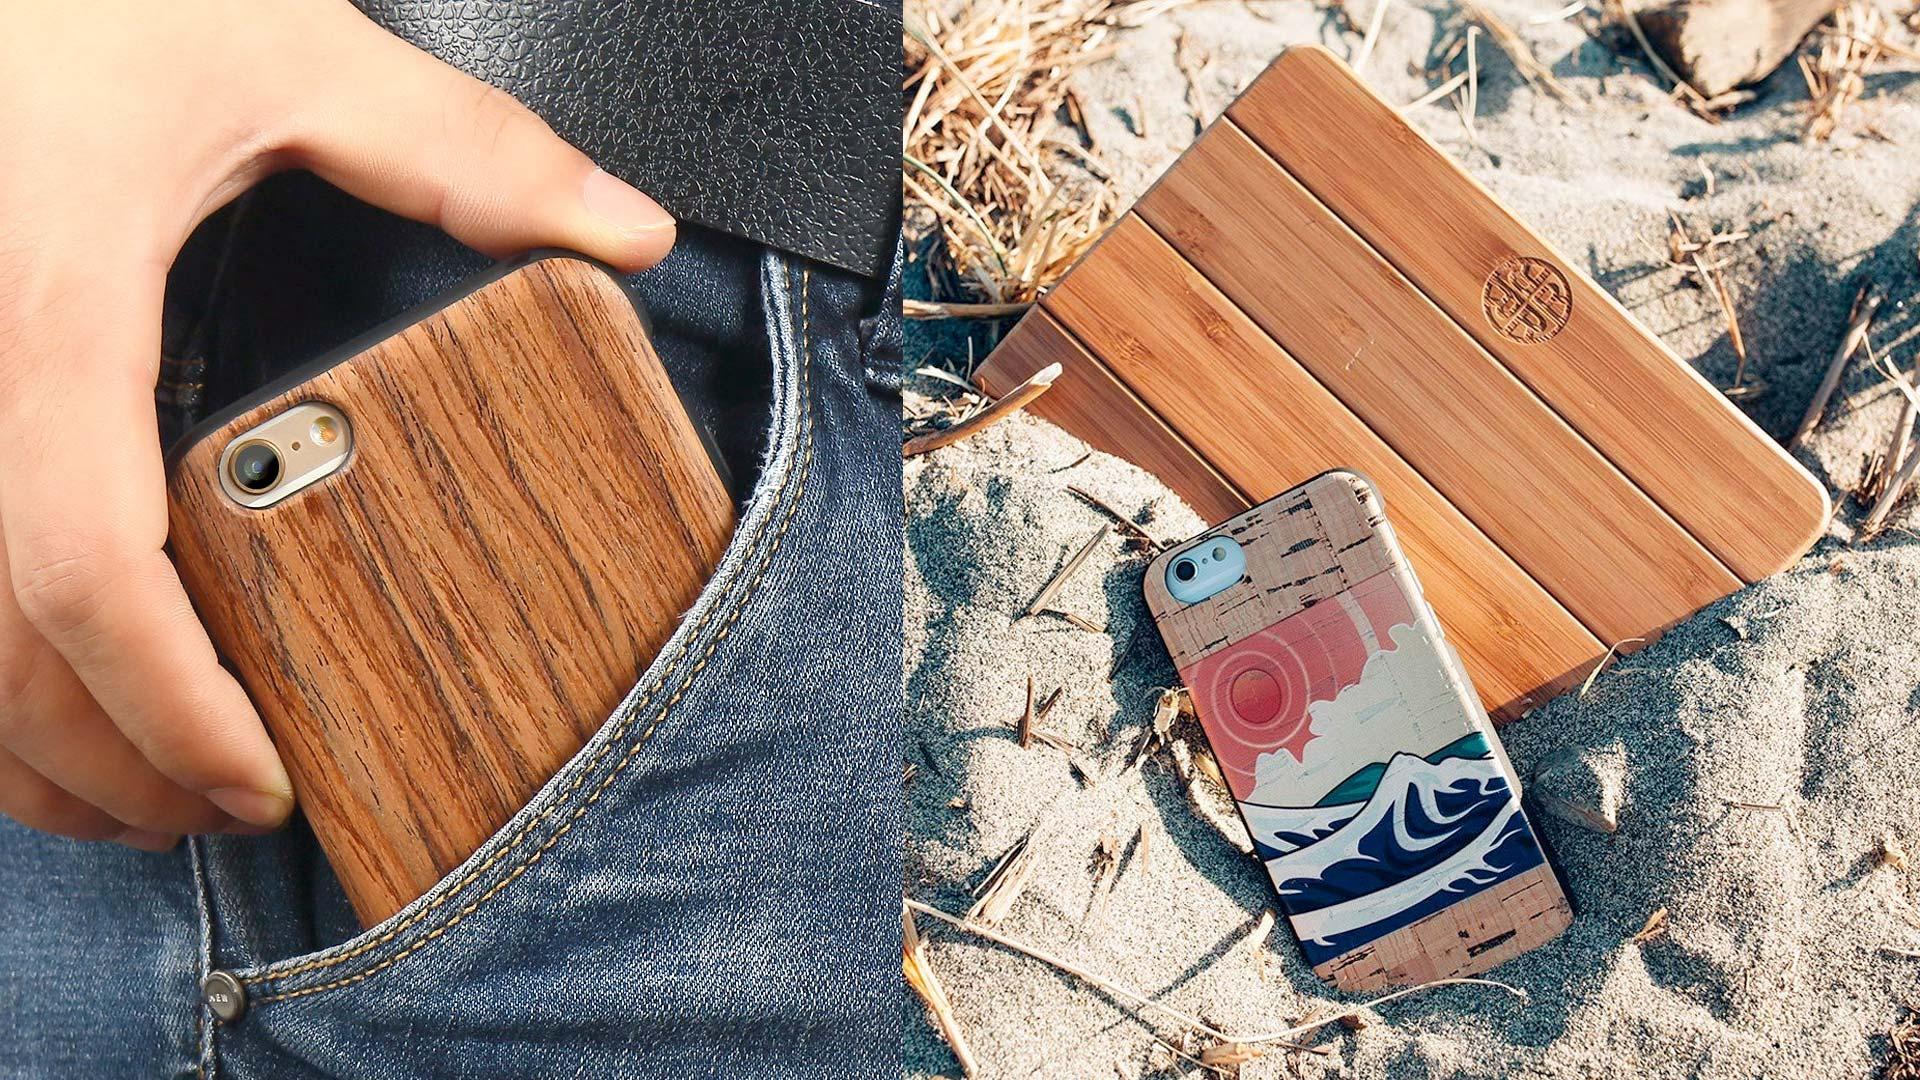 Las mejores fundas de madera para iPhone 6 en 2019: proporcione a su teléfono una combinación perfecta de protección con la piel natural